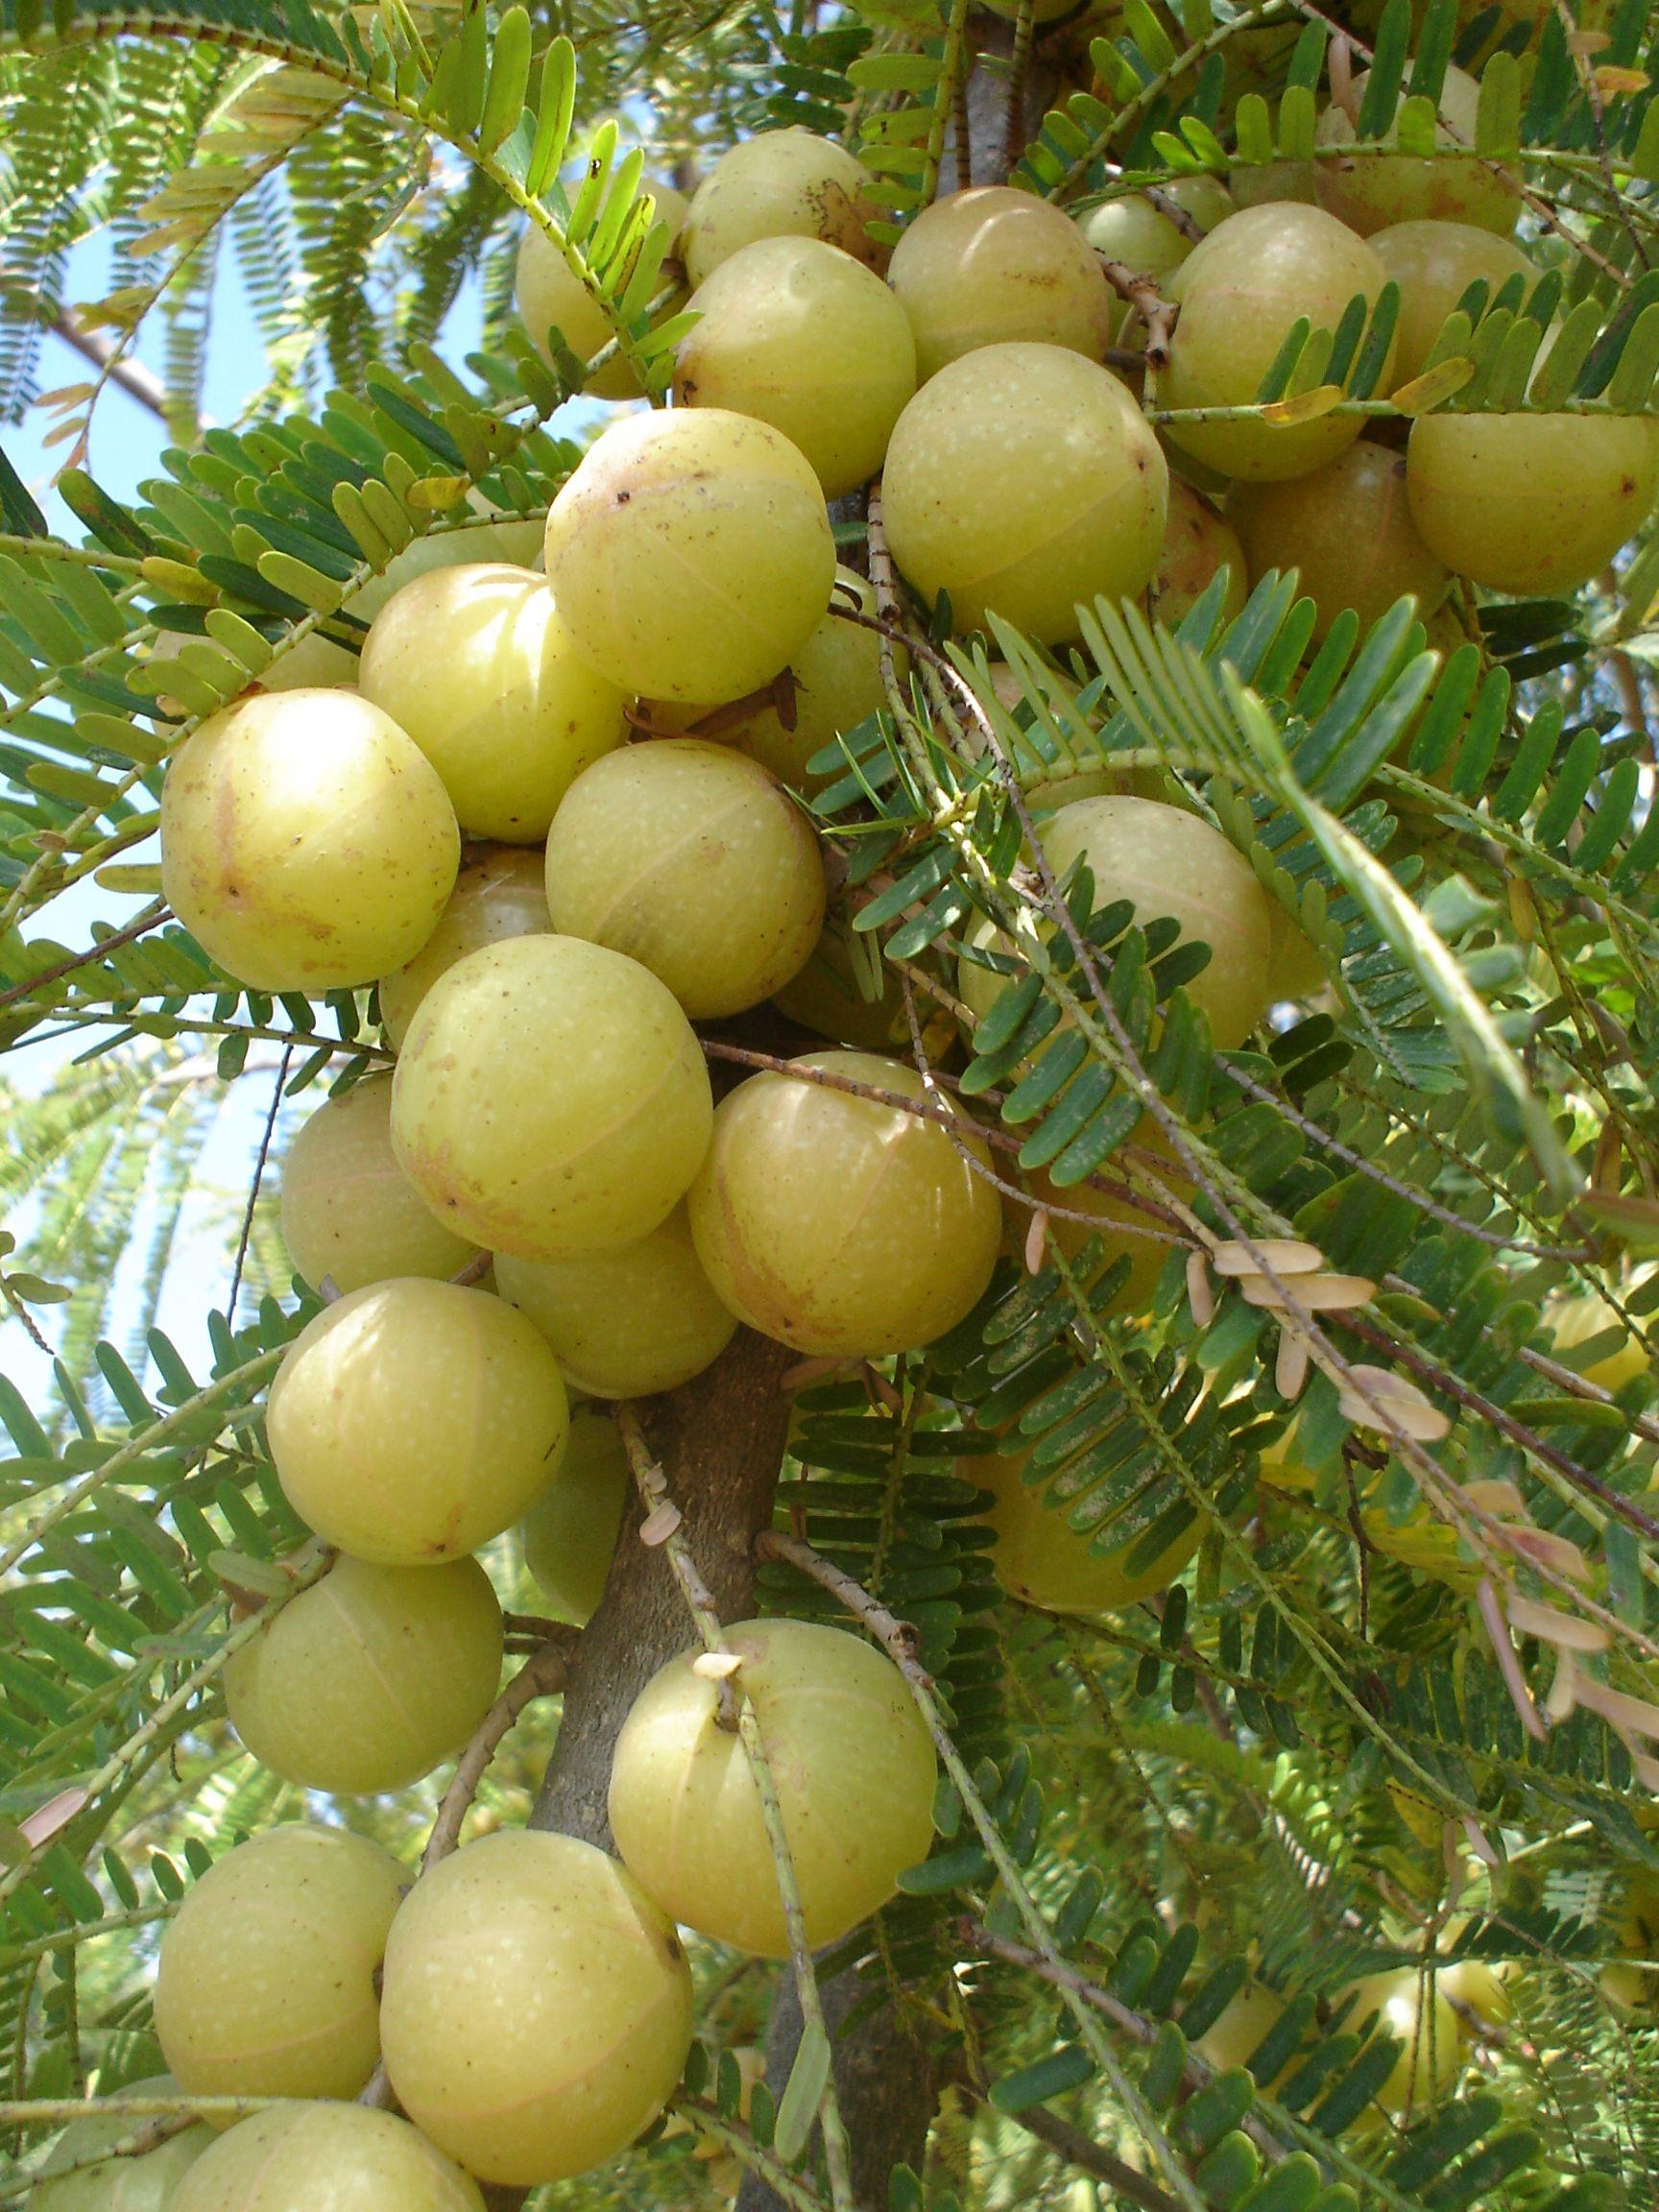 AmlaIndian gooseberry (Phyllanthus emblica) Fruits on